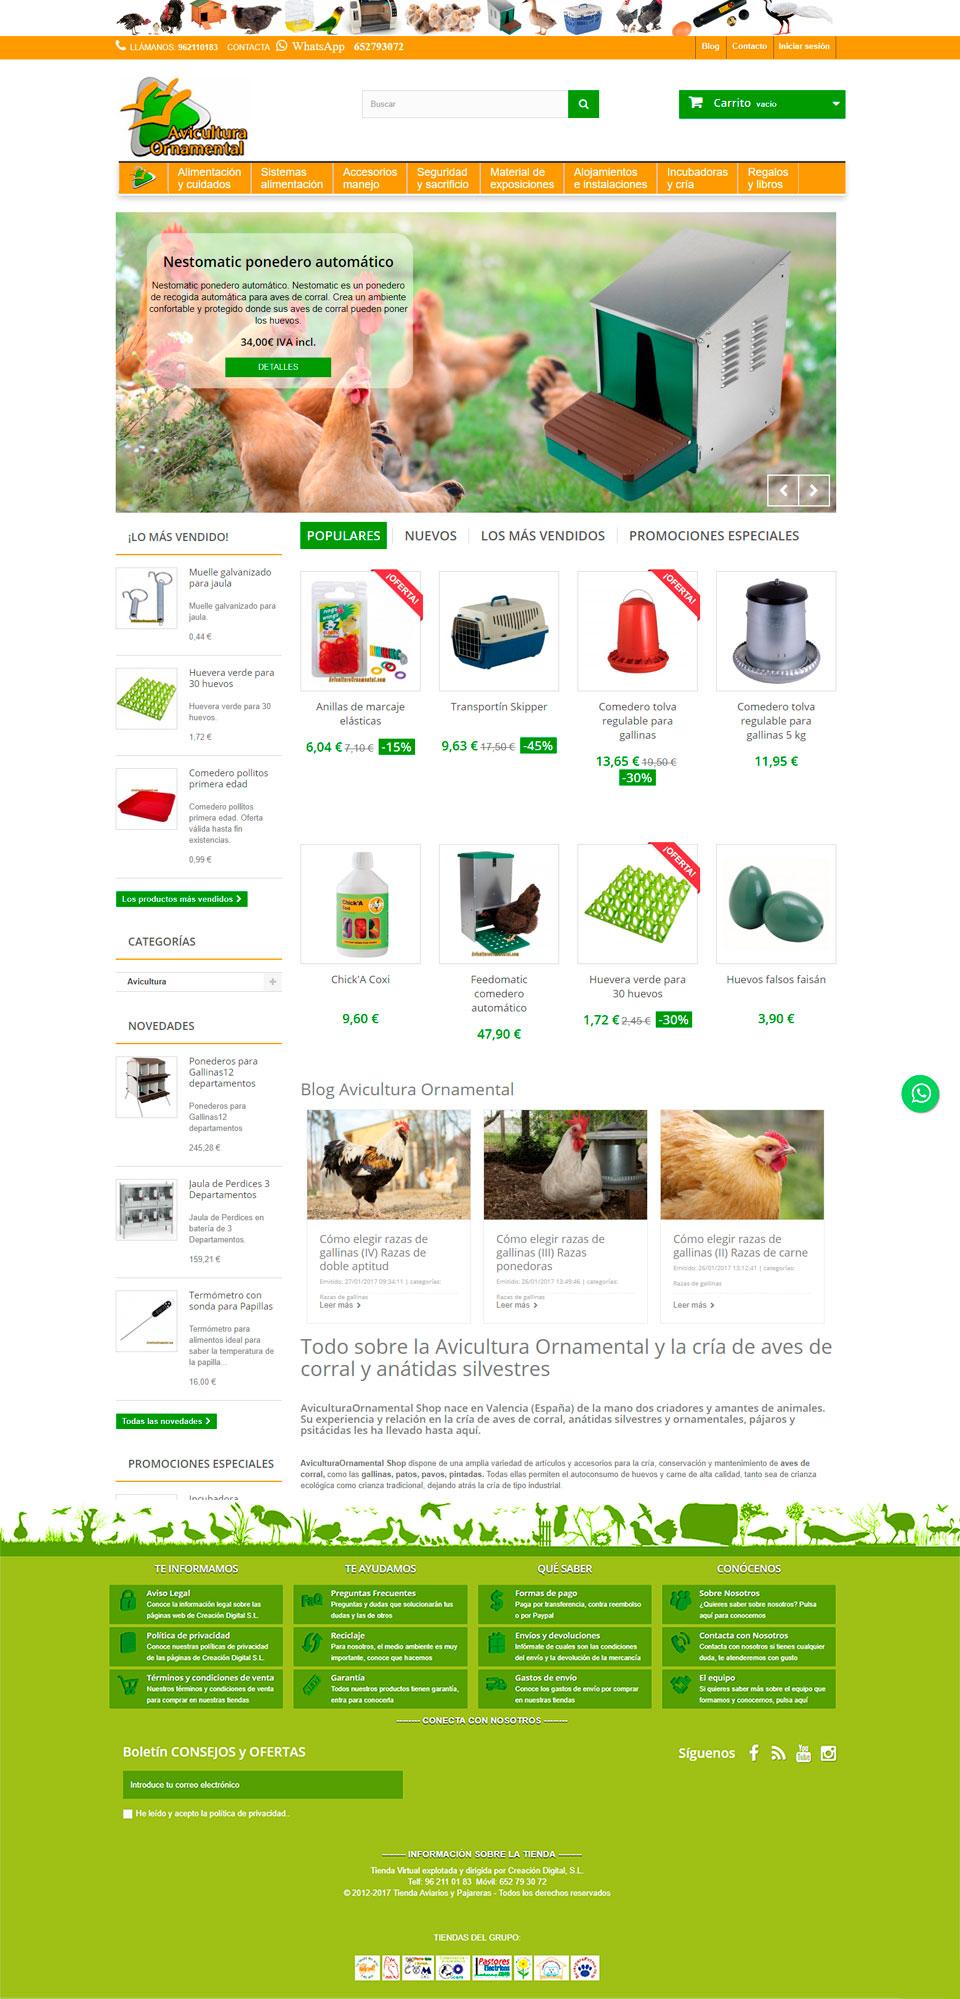 ABC Creación Digital. Tienda Online Avicultura Ornamental, todo lo que necesitas para tus aves